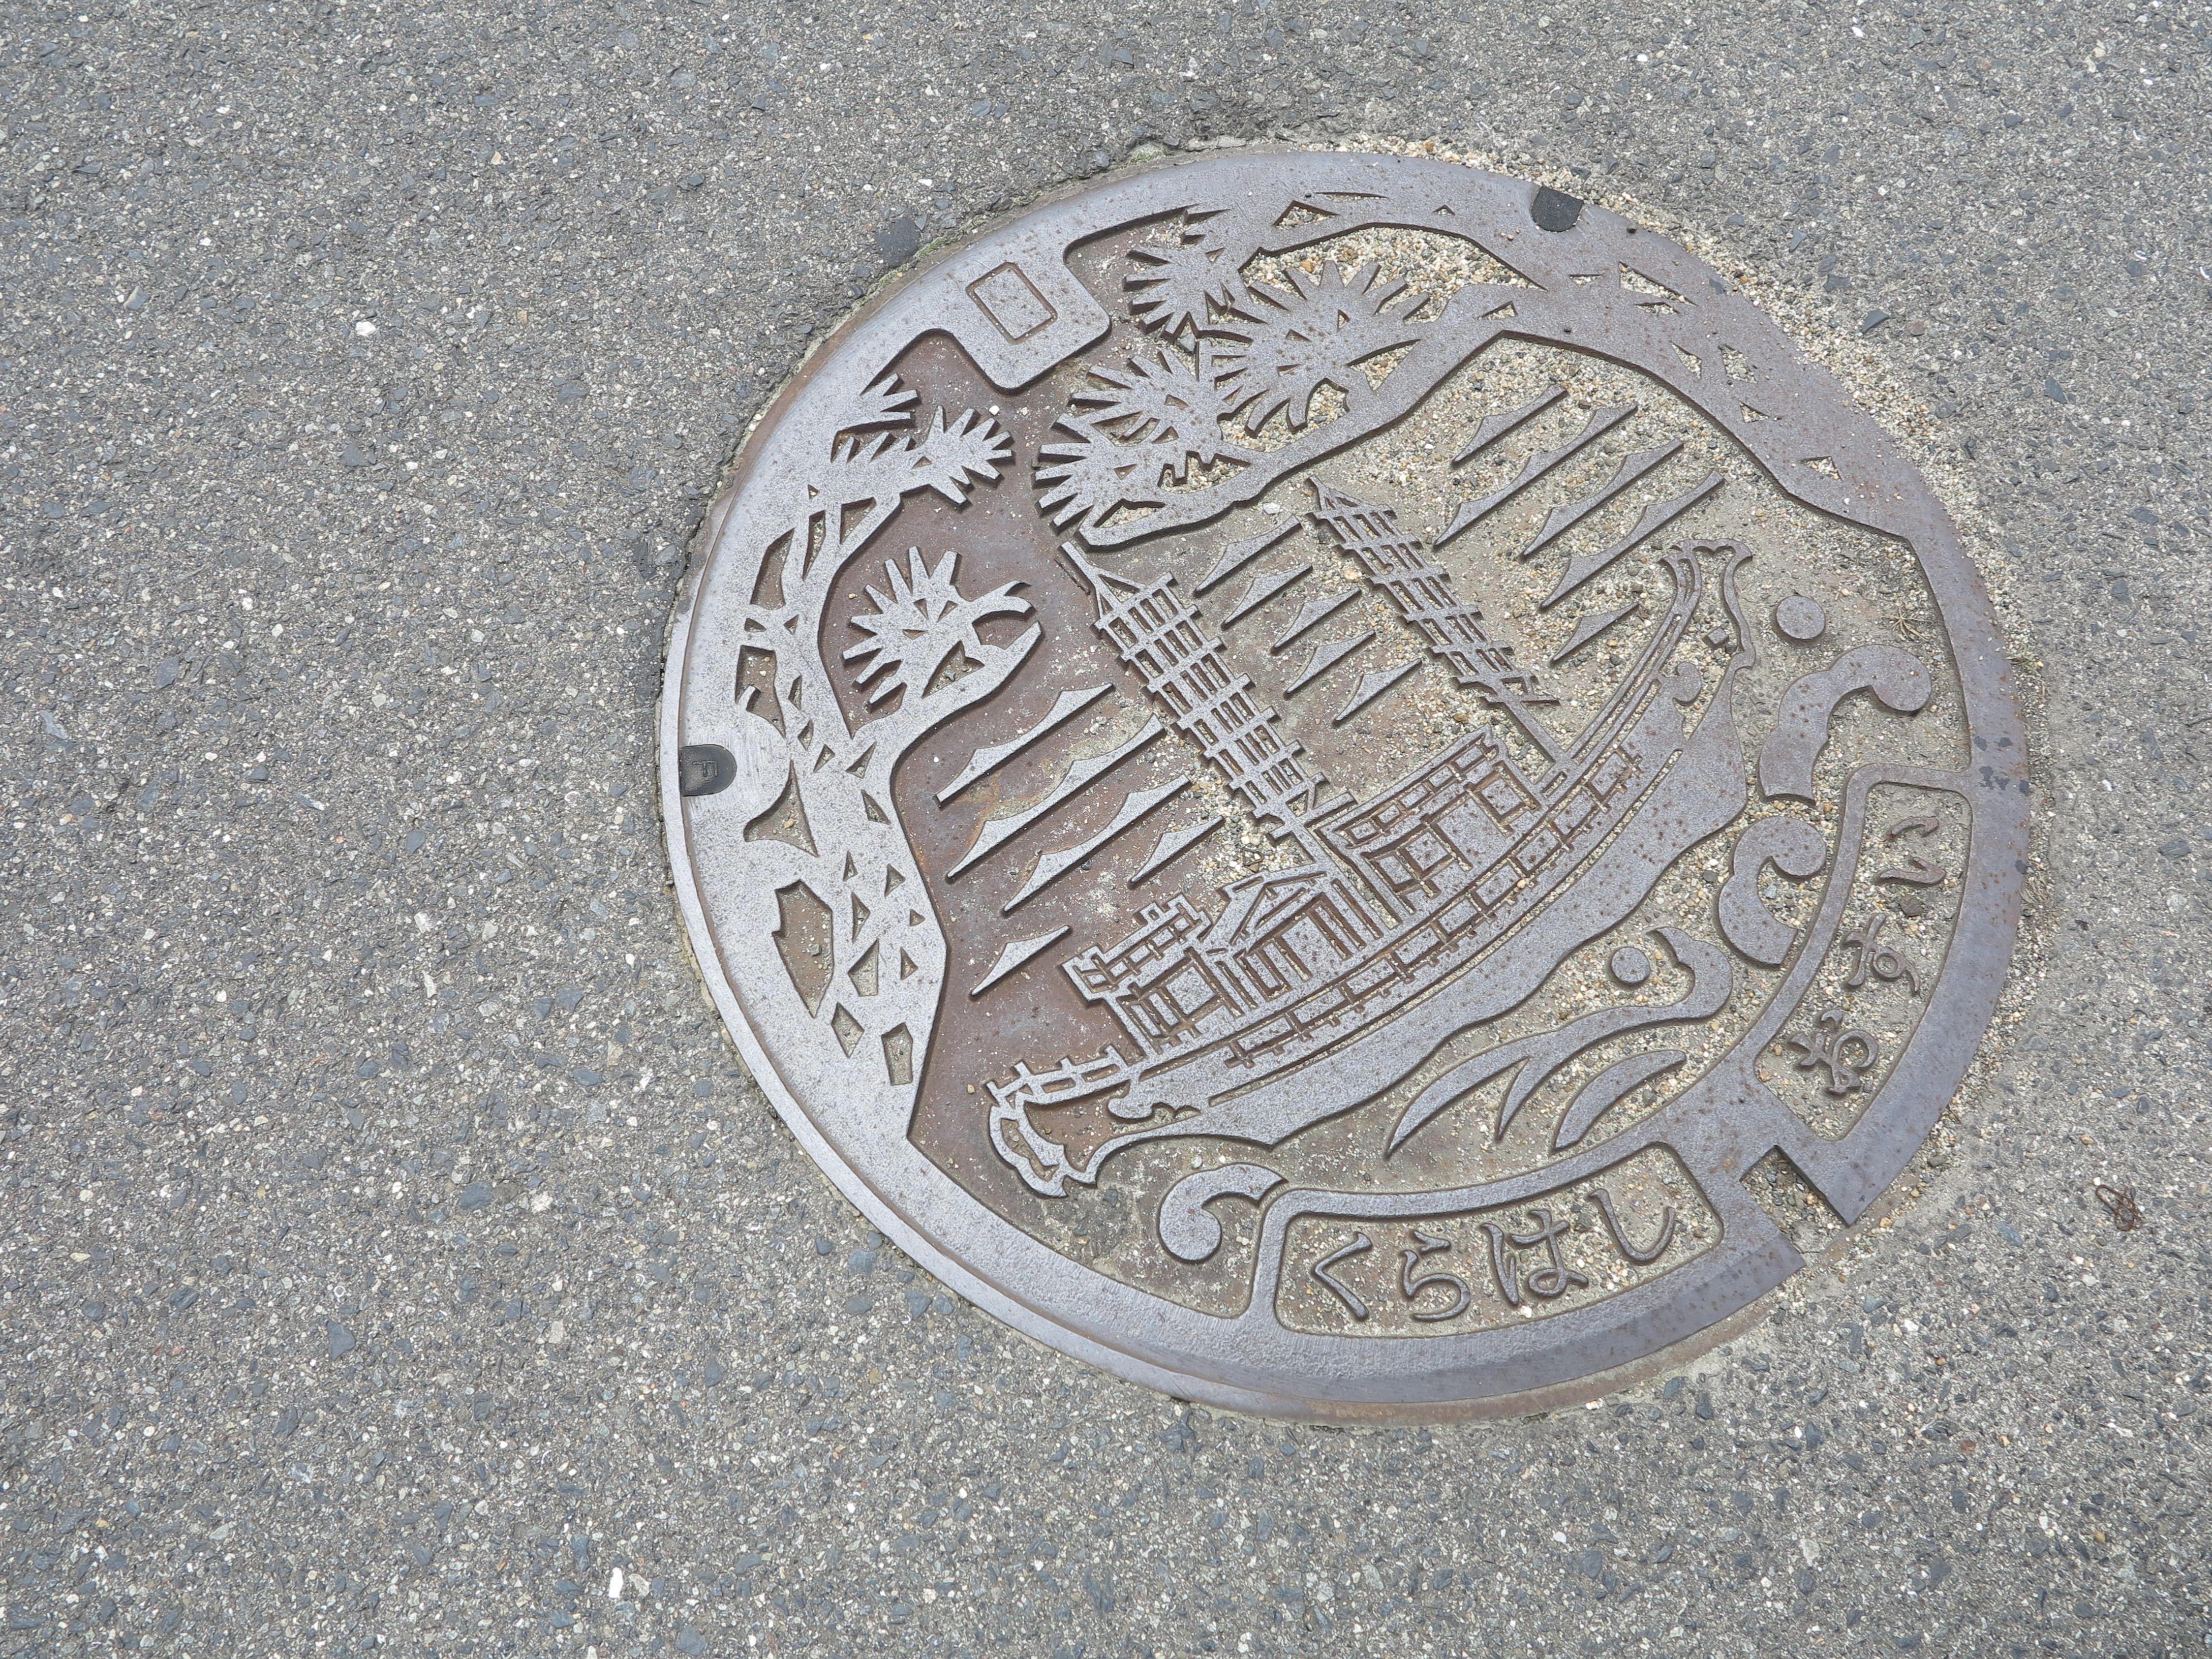 Kurahashi manhole cover